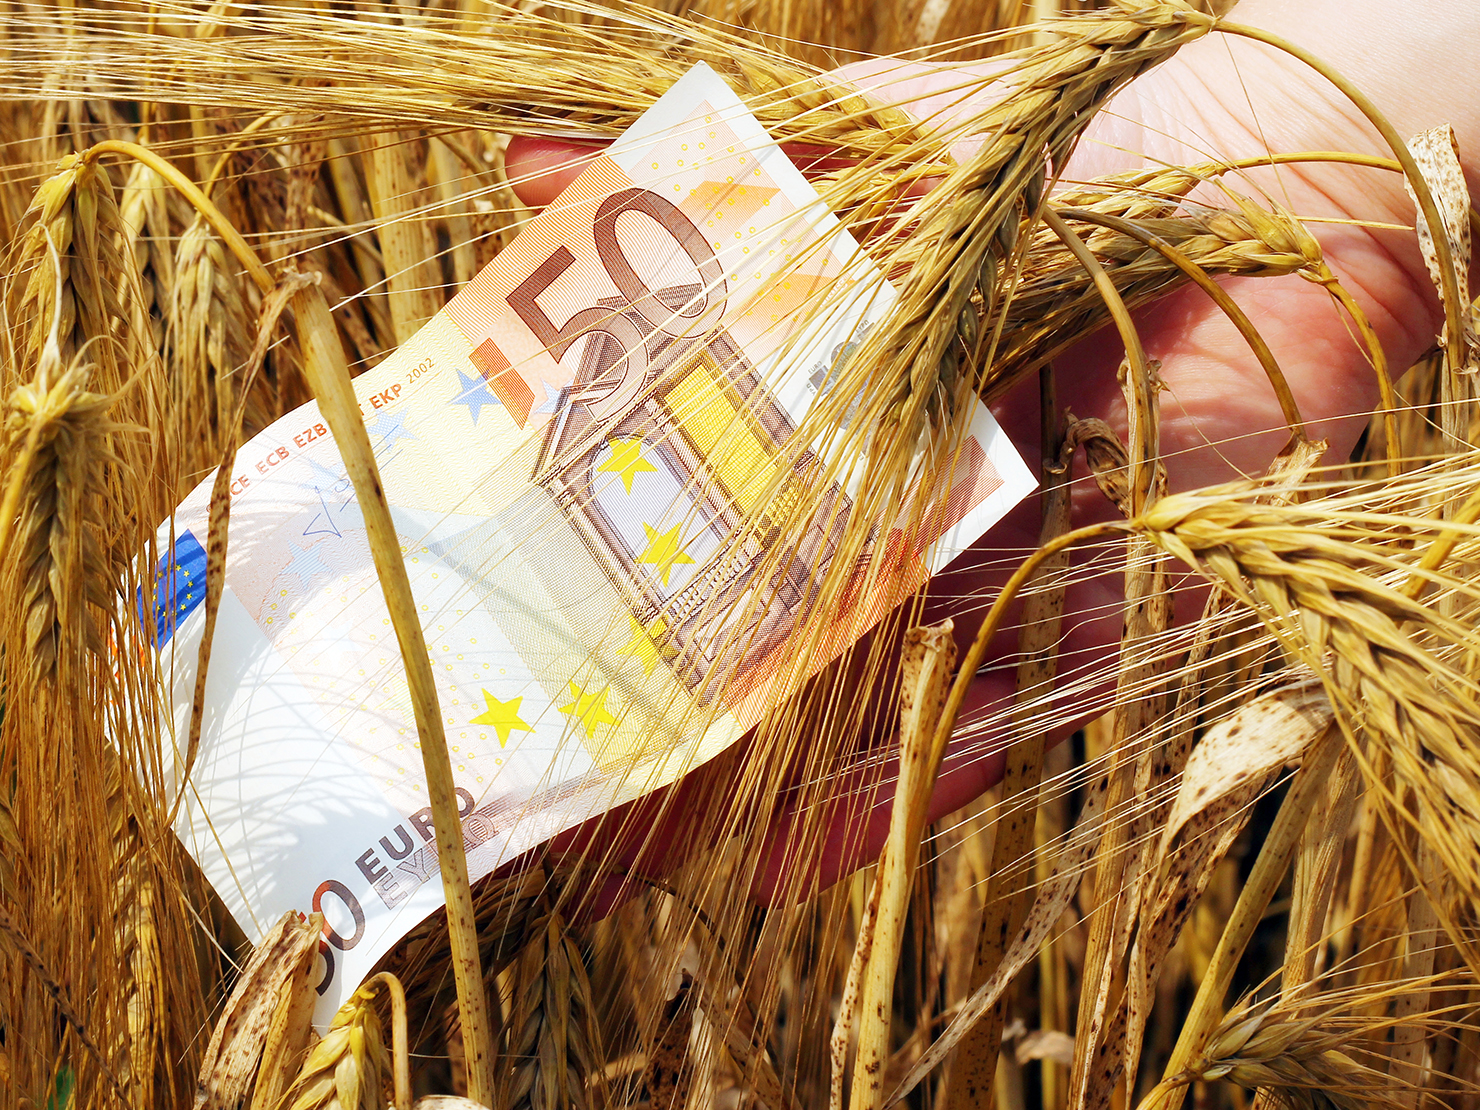 Αραχωβίτης: Παραμένει για τους αγρότες και το ακατάσχετο των 1.250 ευρώ τον μήνα